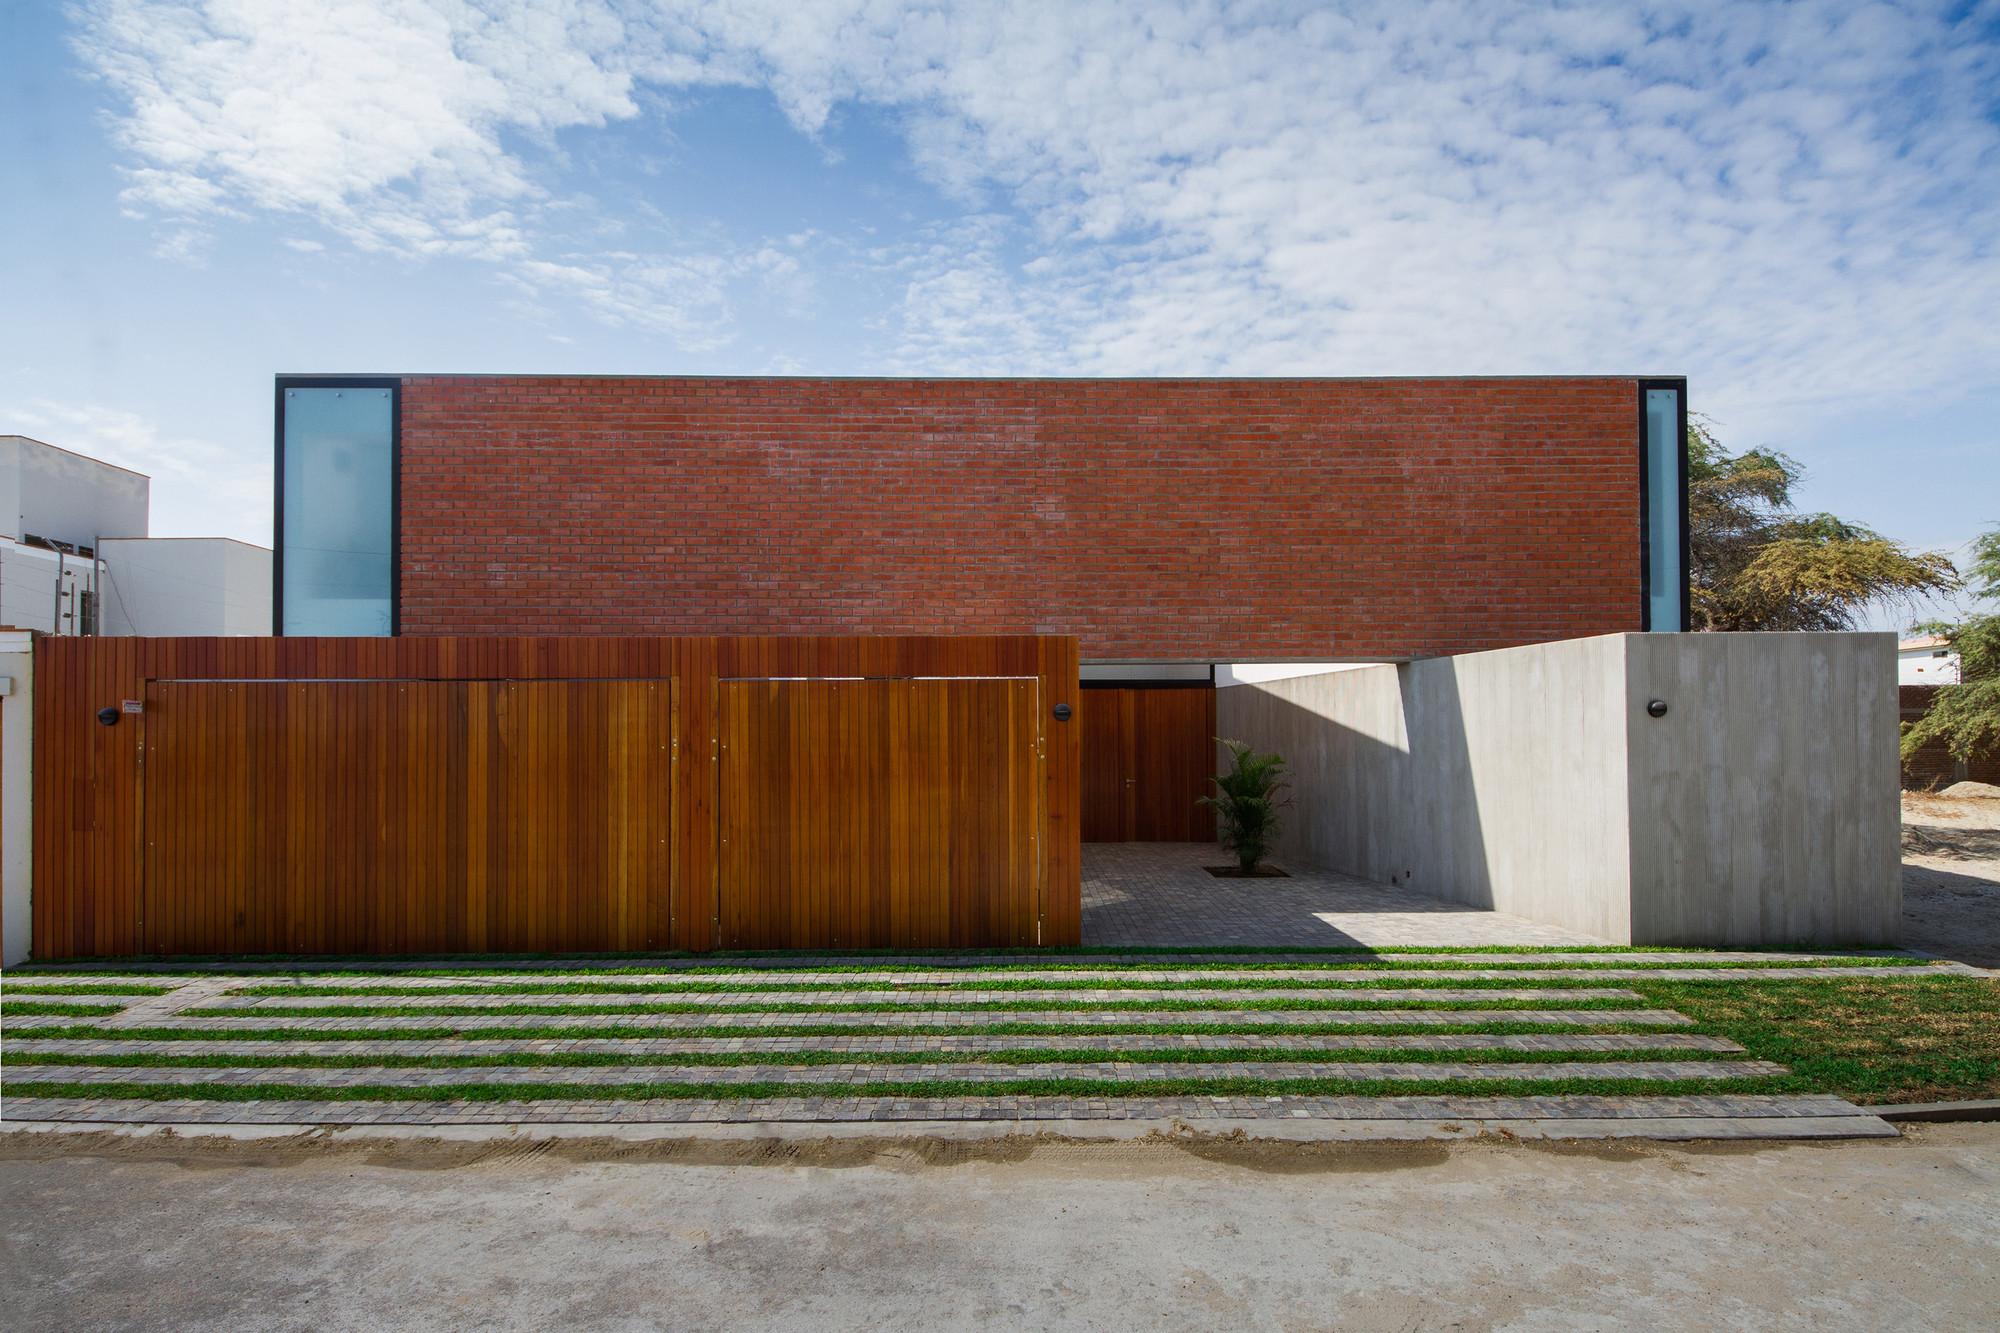 House lb piura riofrio rodrigo arquitectos archdaily - Casas de arquitectos ...